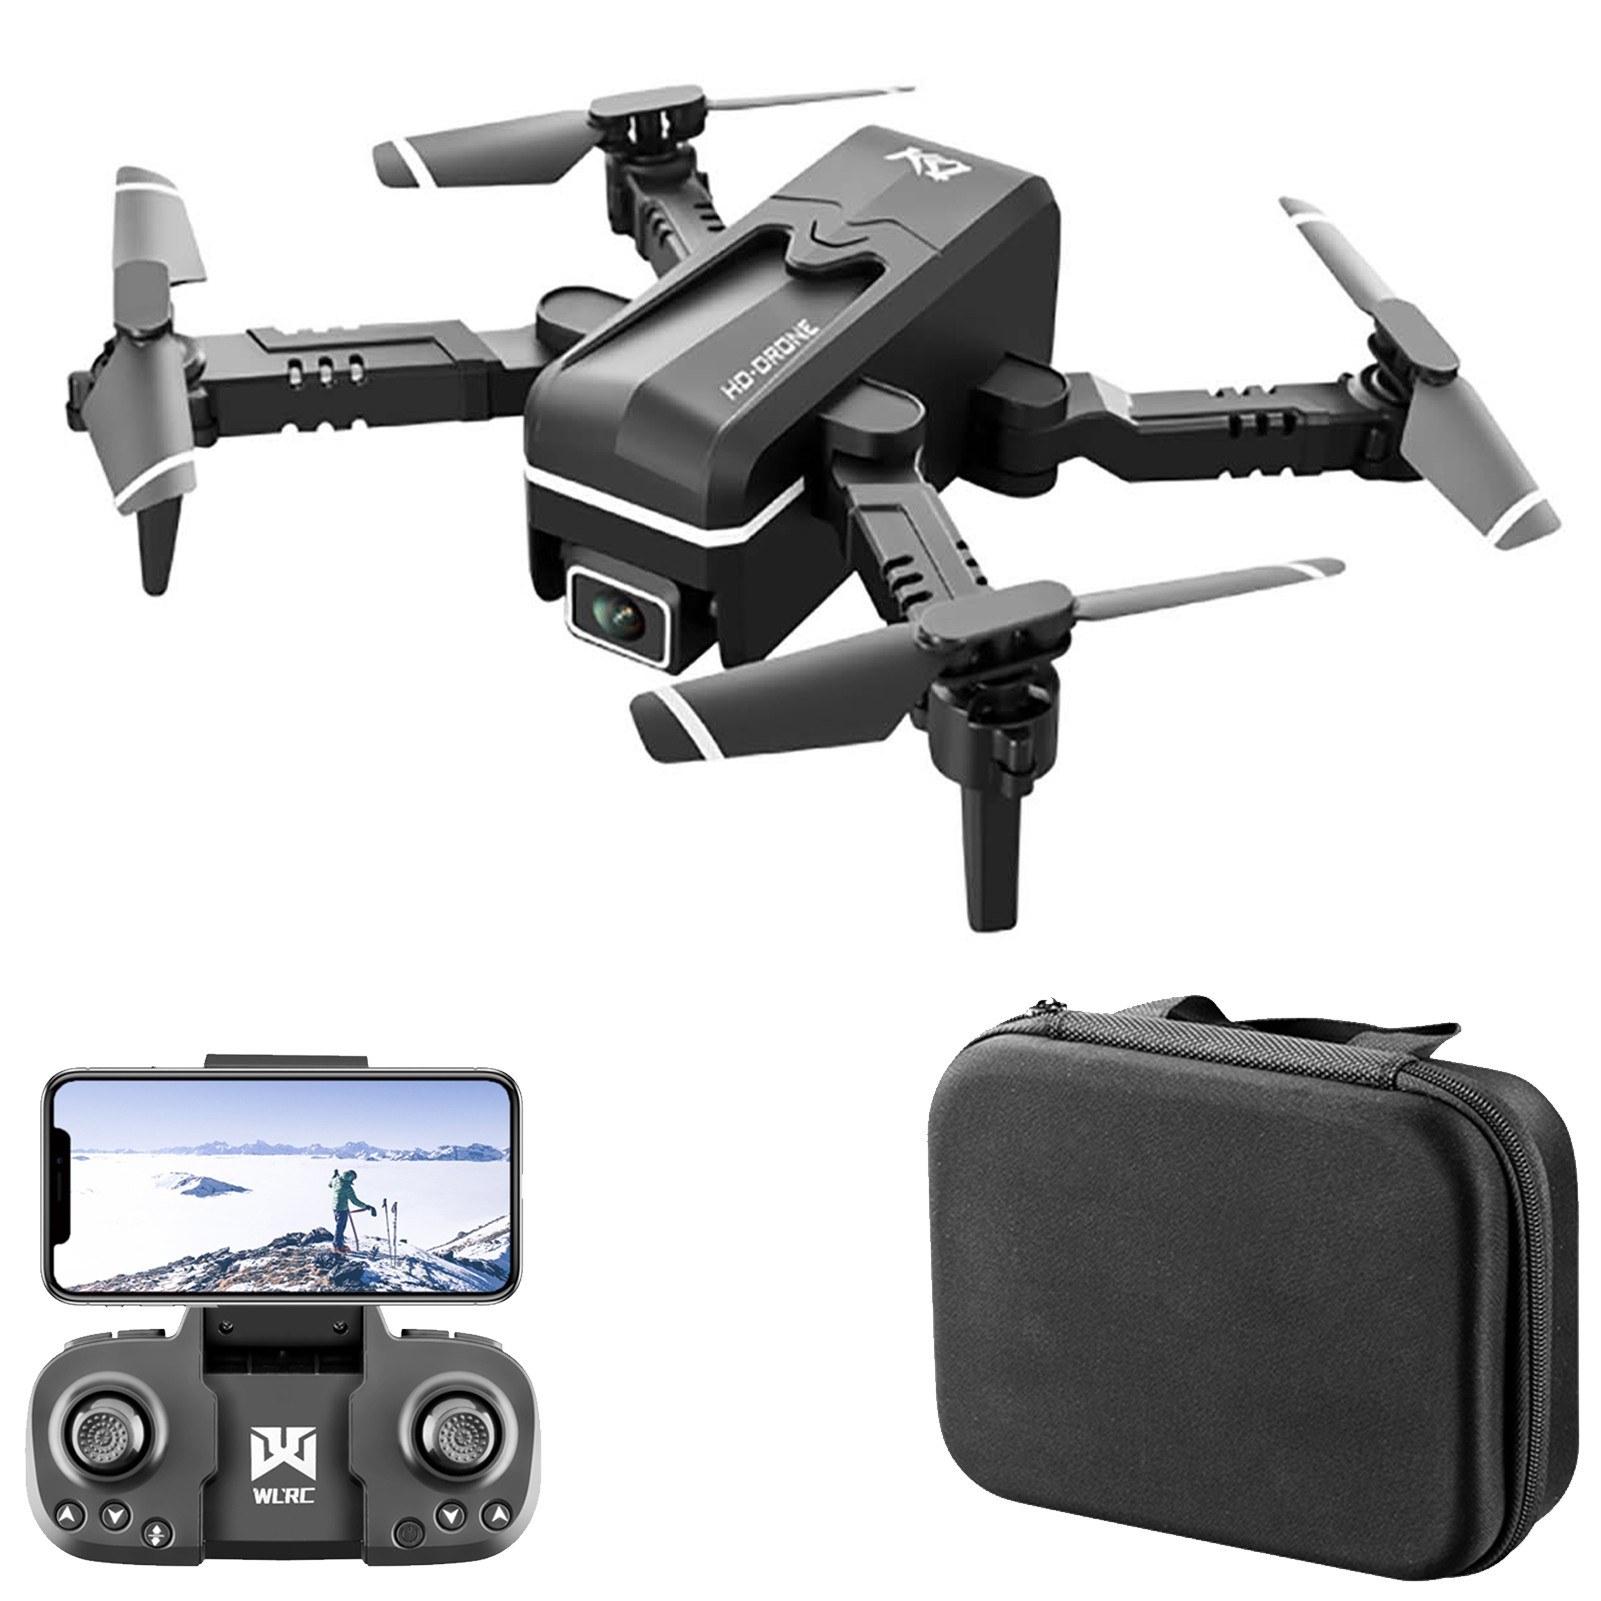 cafago.com - 60% OFF KK1 Wifi FPV 4K Camera RC Drone Folding Quadcopter,free shipping+$27.25